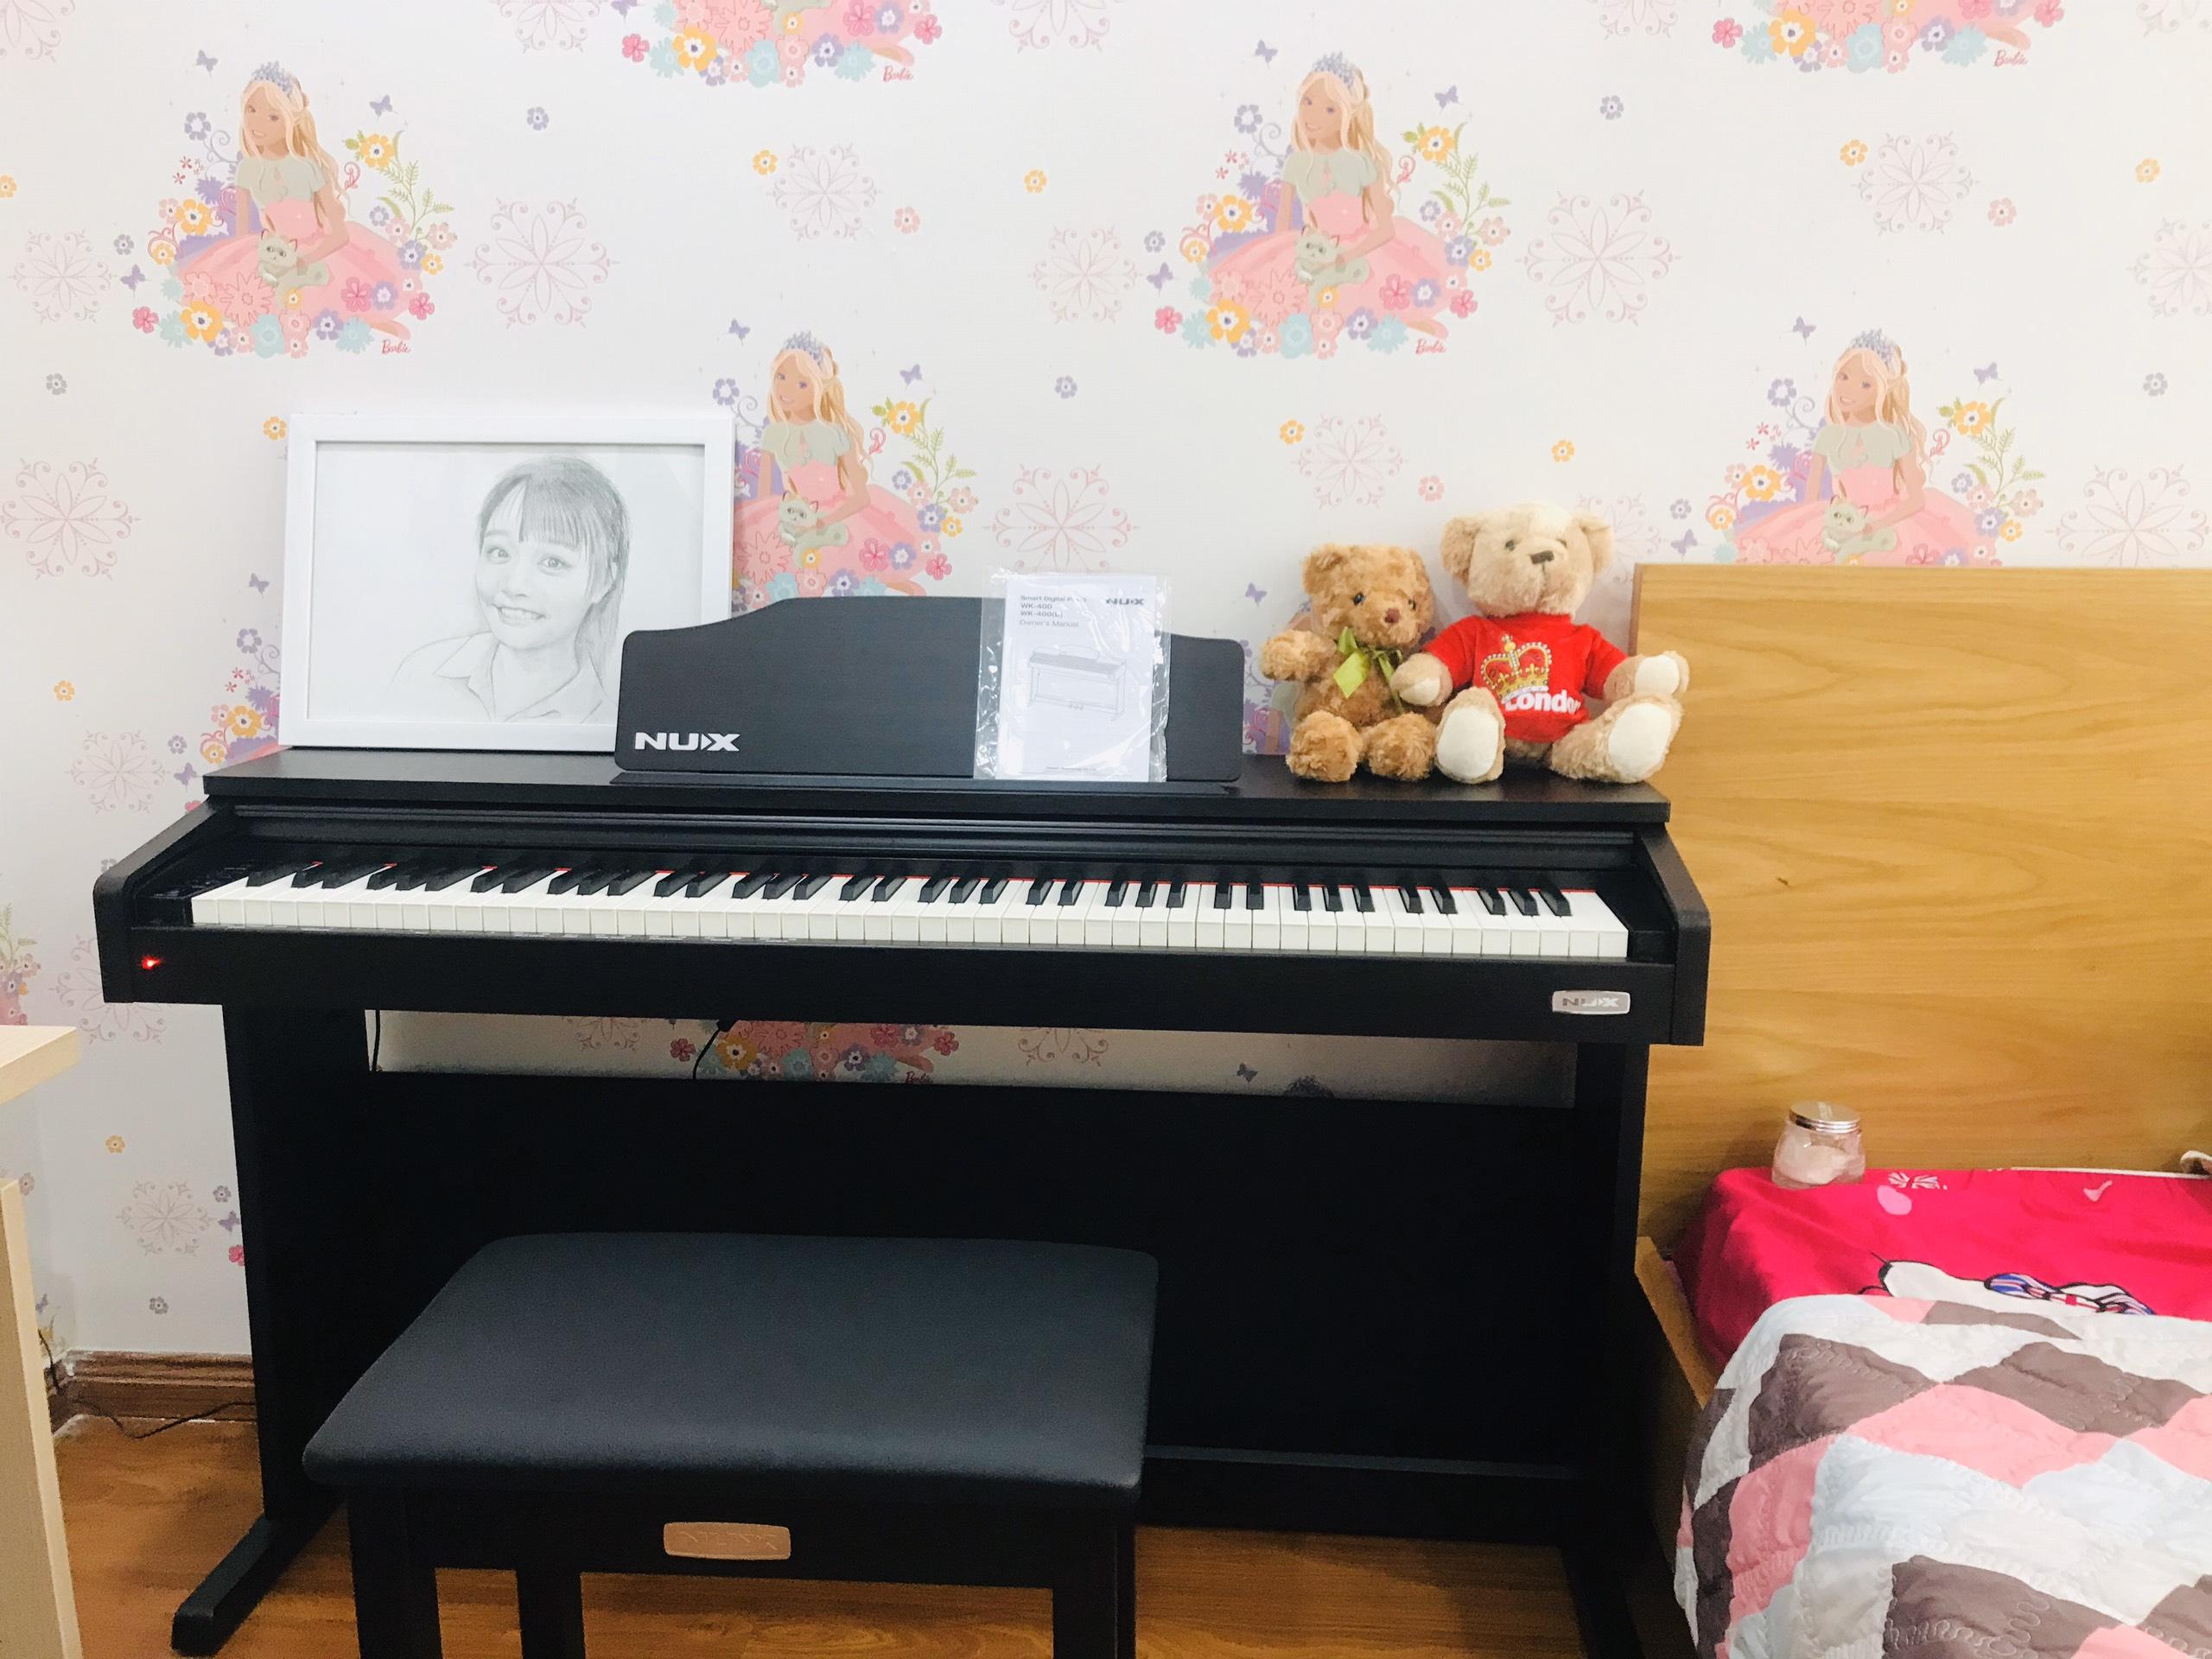 NHÀ CUNG CẤP PIANO NUX